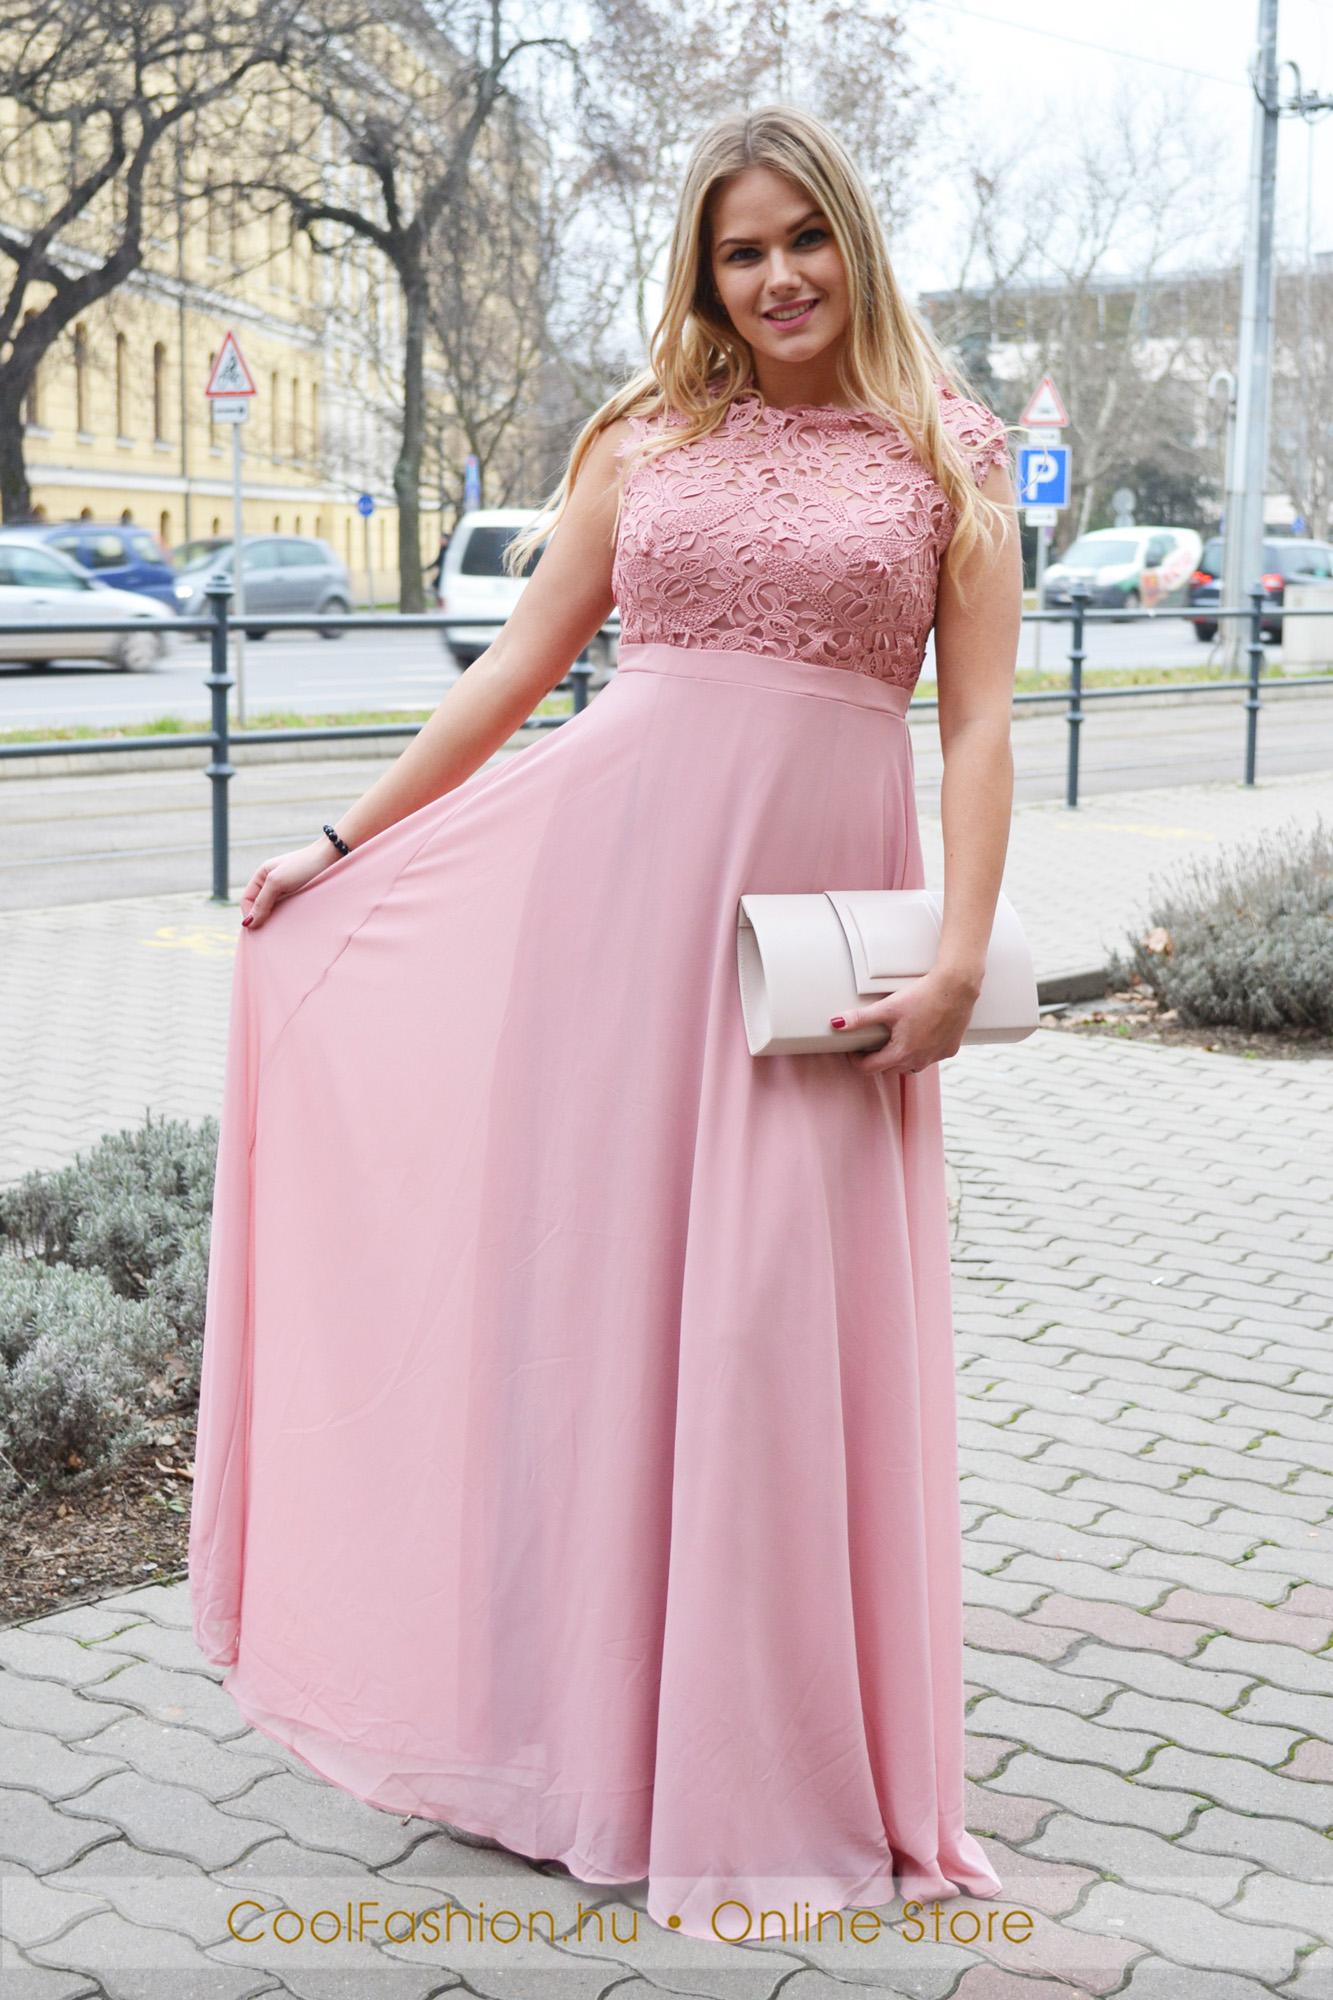 2b83f494e0 Nagyméretű felül csipkés muszlin maxi ruha - Cool Fashion